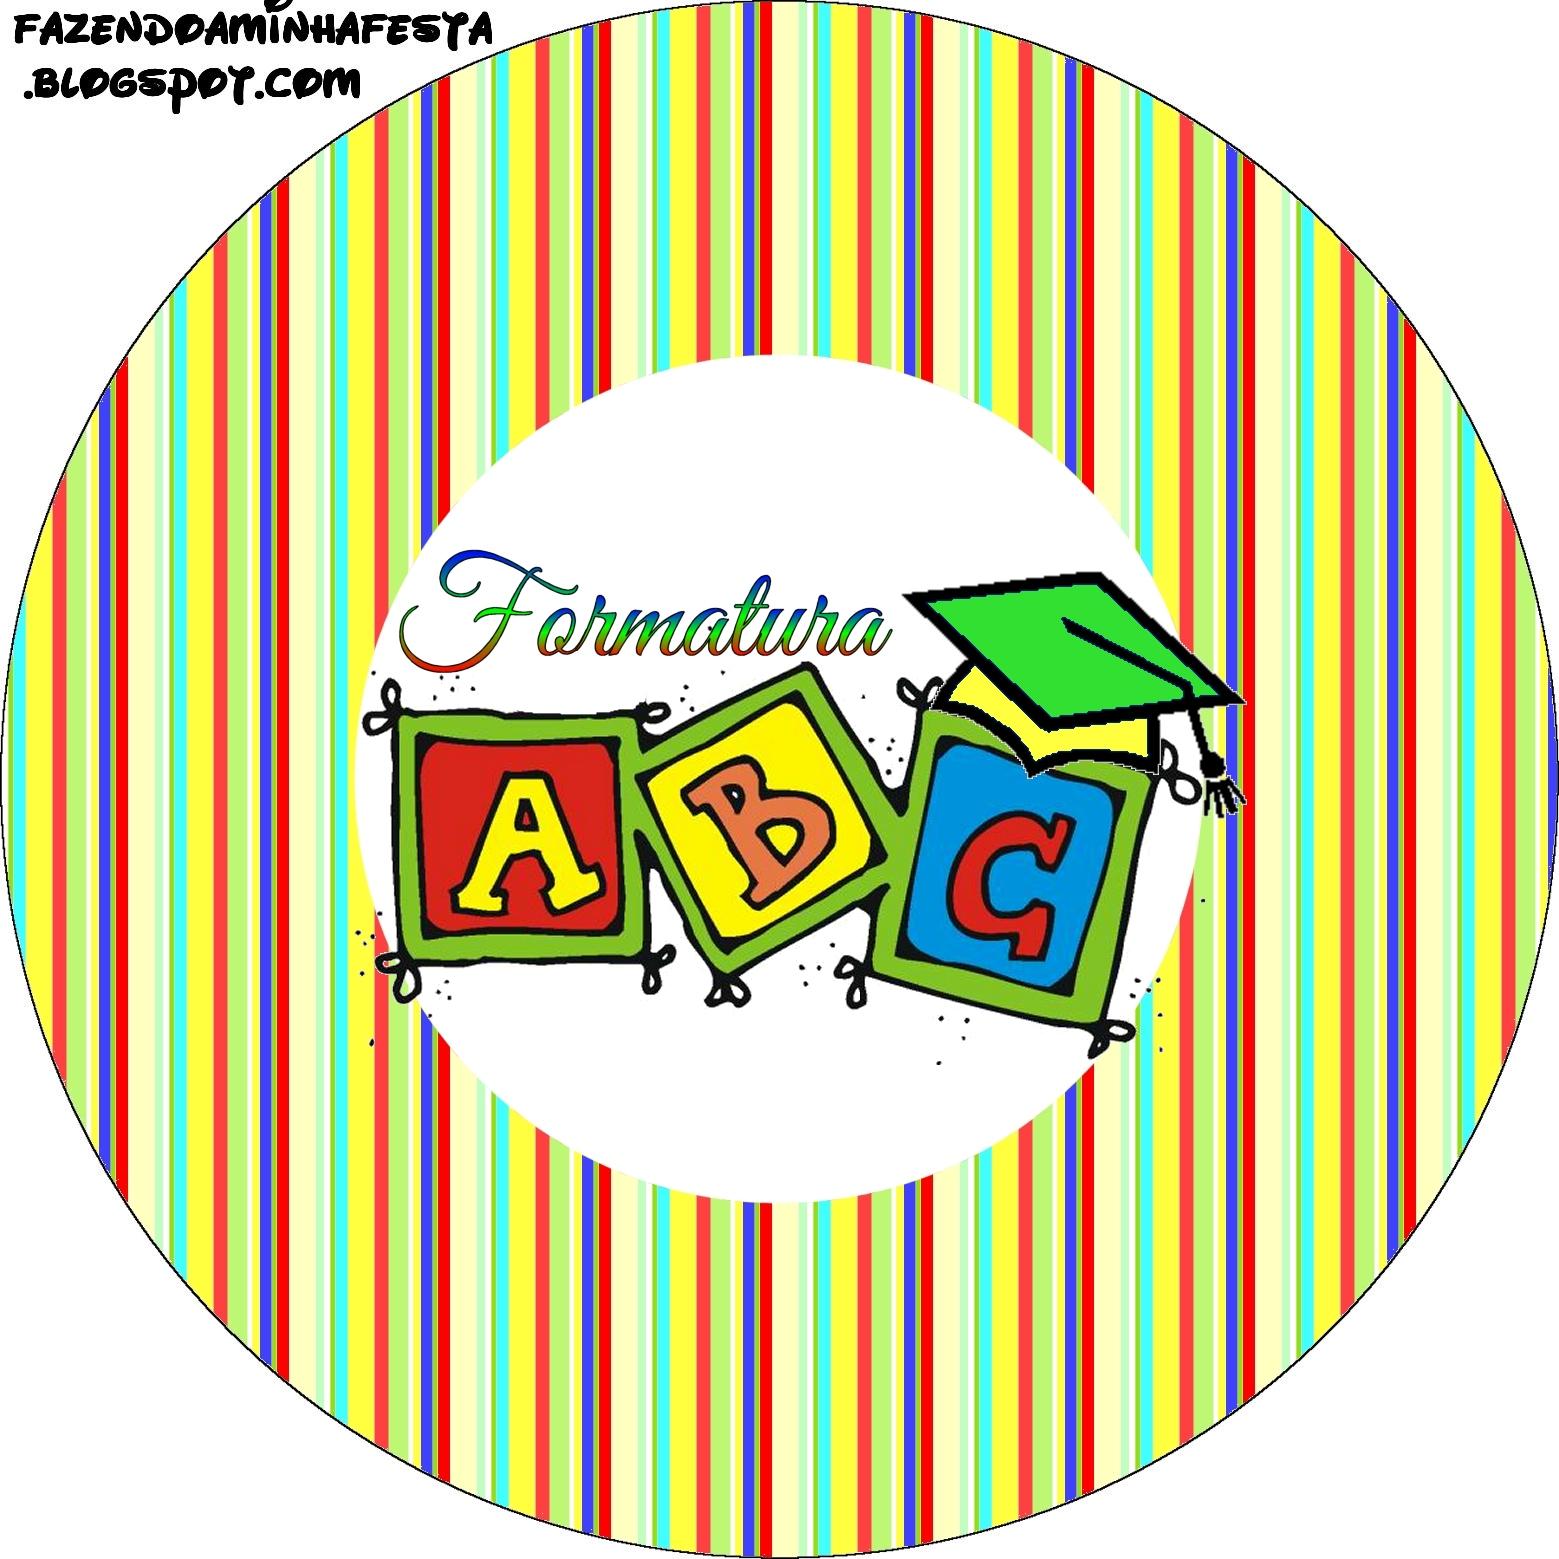 Artesanato De Resende Costa Minas Gerais ~ Formatura do ABC Kit Completo com molduras para convites, rótulos para guloseimas